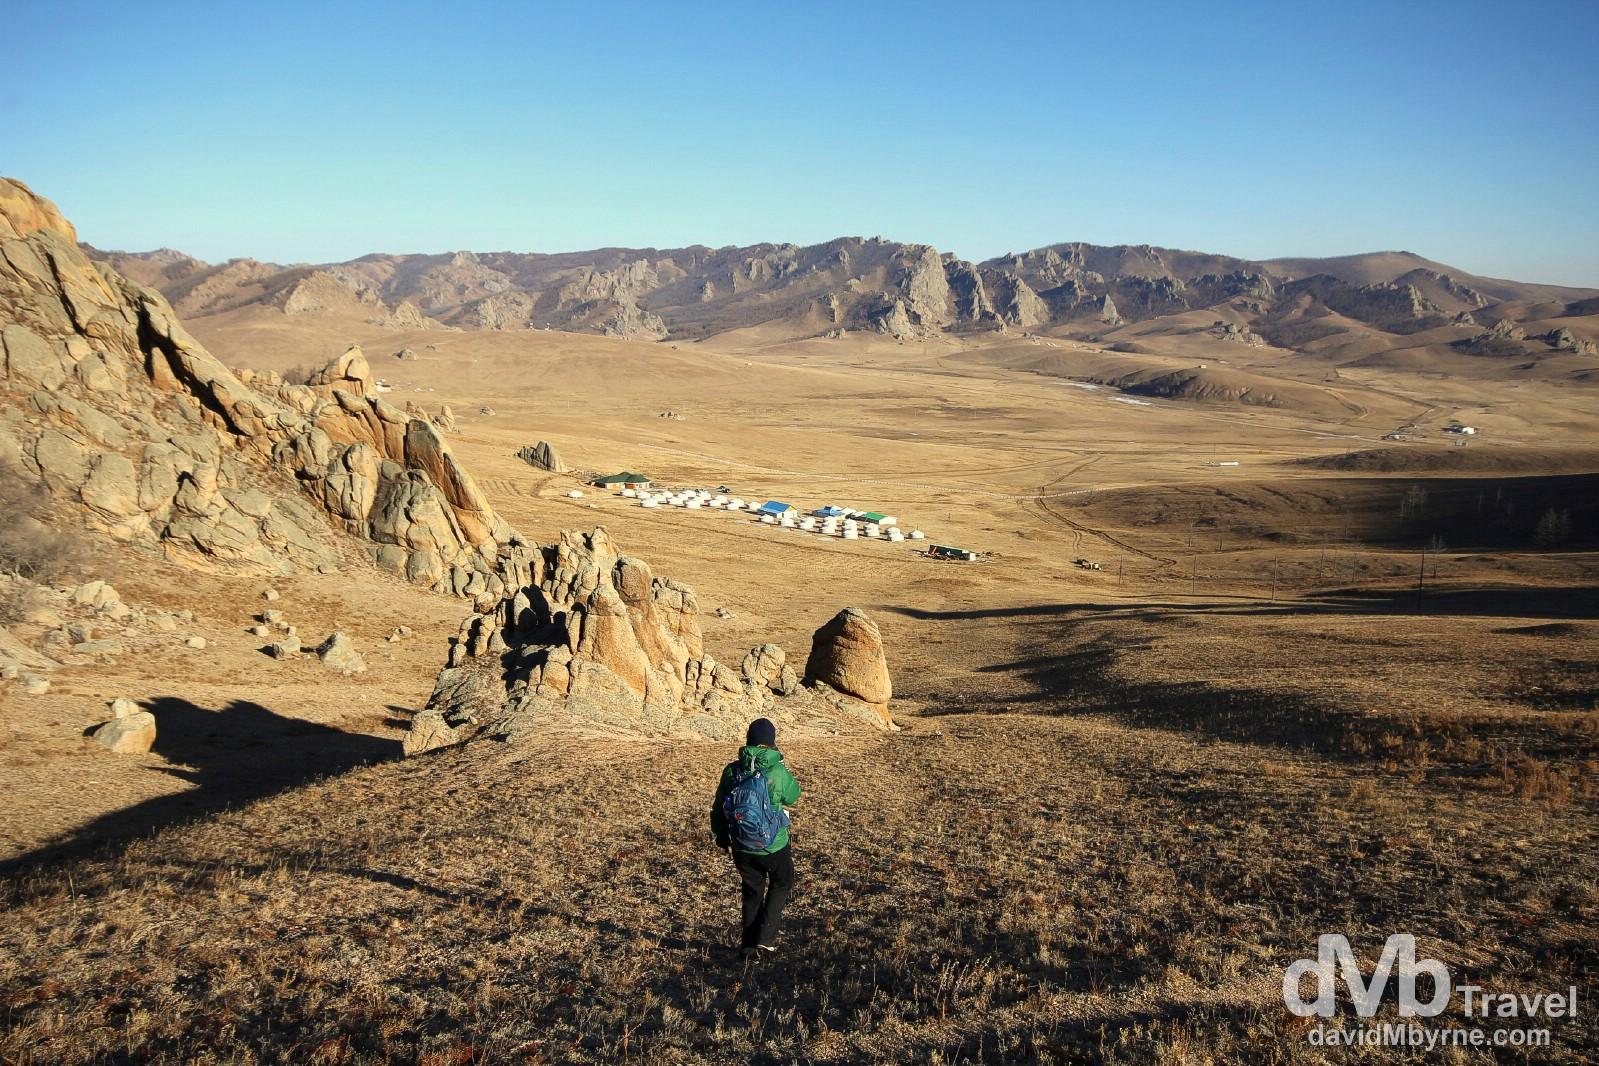 Walking in Terelj National Park, Mongolia. November 3rd 2012.